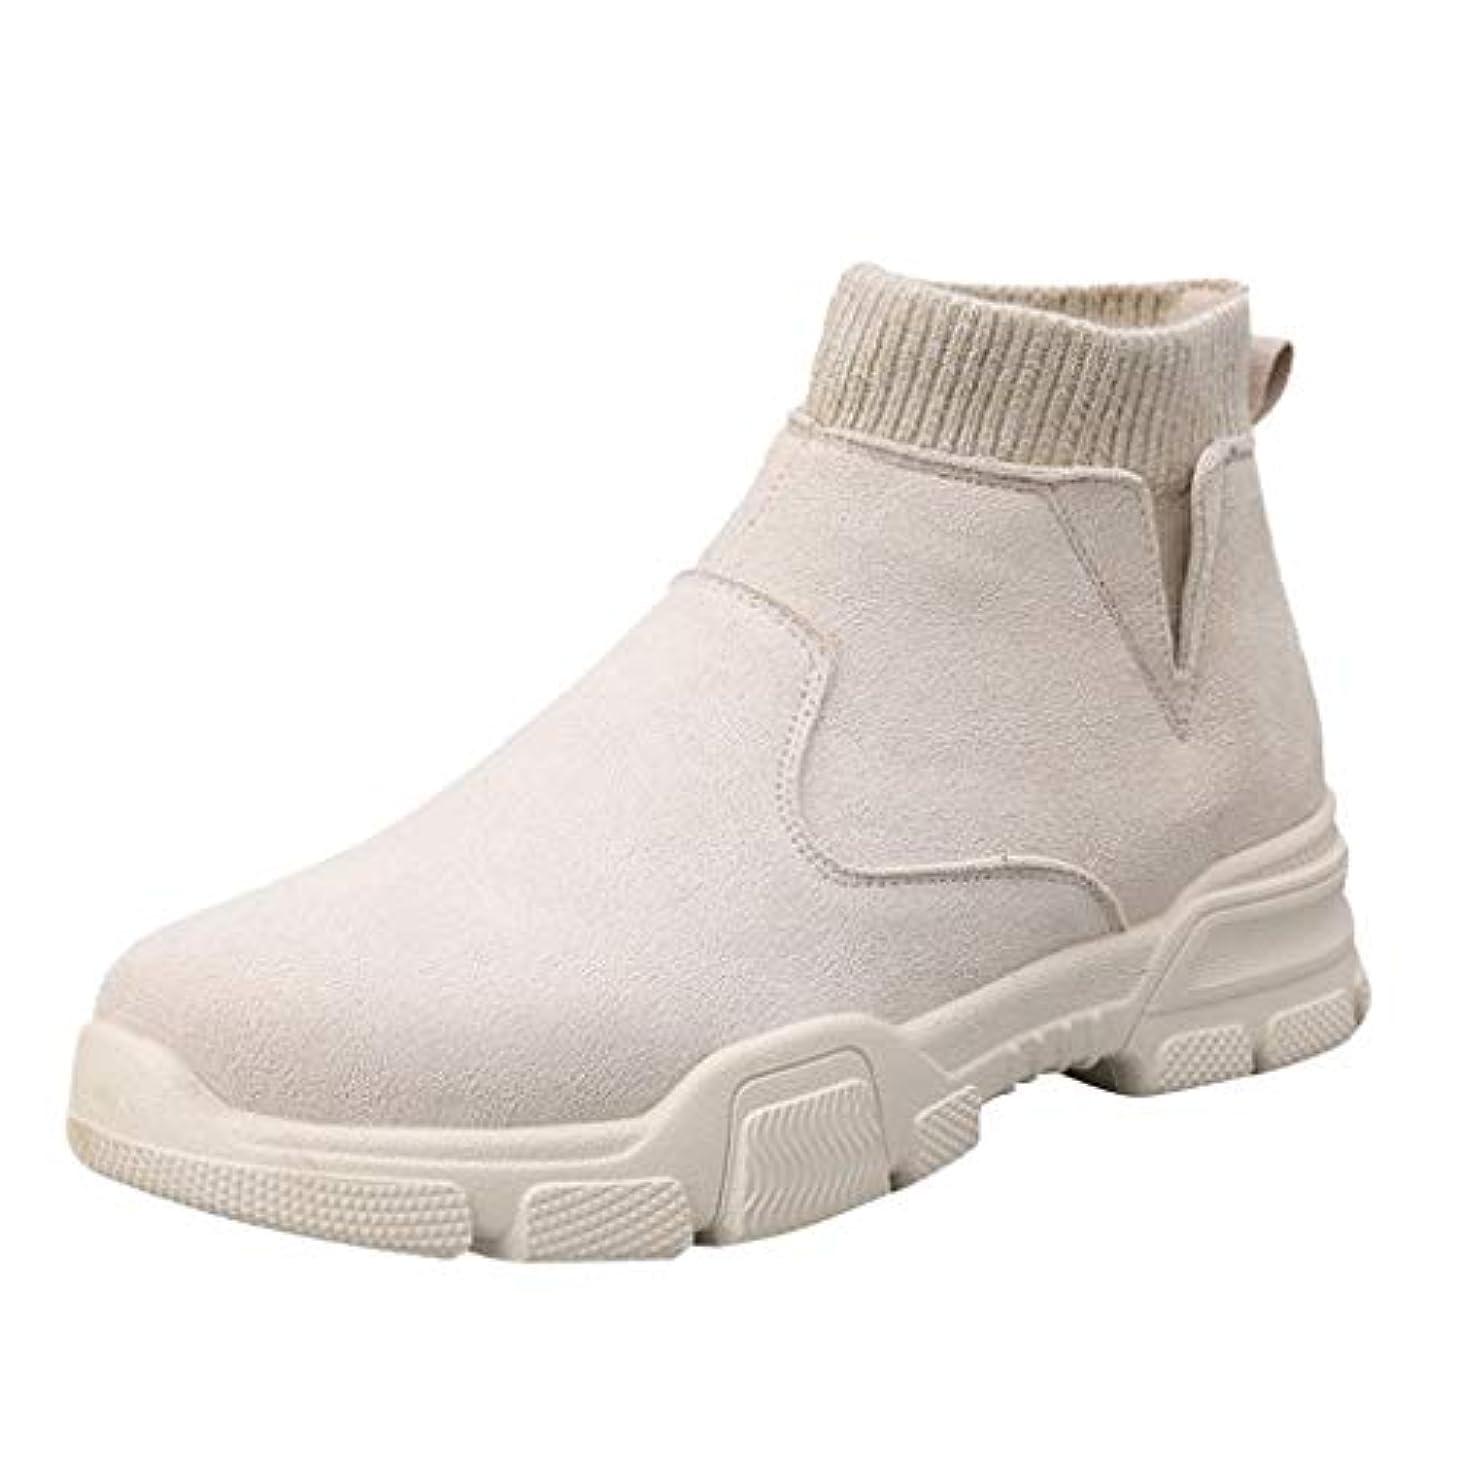 植物の反抗陰気[Lefthigh] メンズ ヴィンテージ ハイトップ スエード ソックス スニーカー カジュアル レザー ブーツ ファッション バイクブーツ